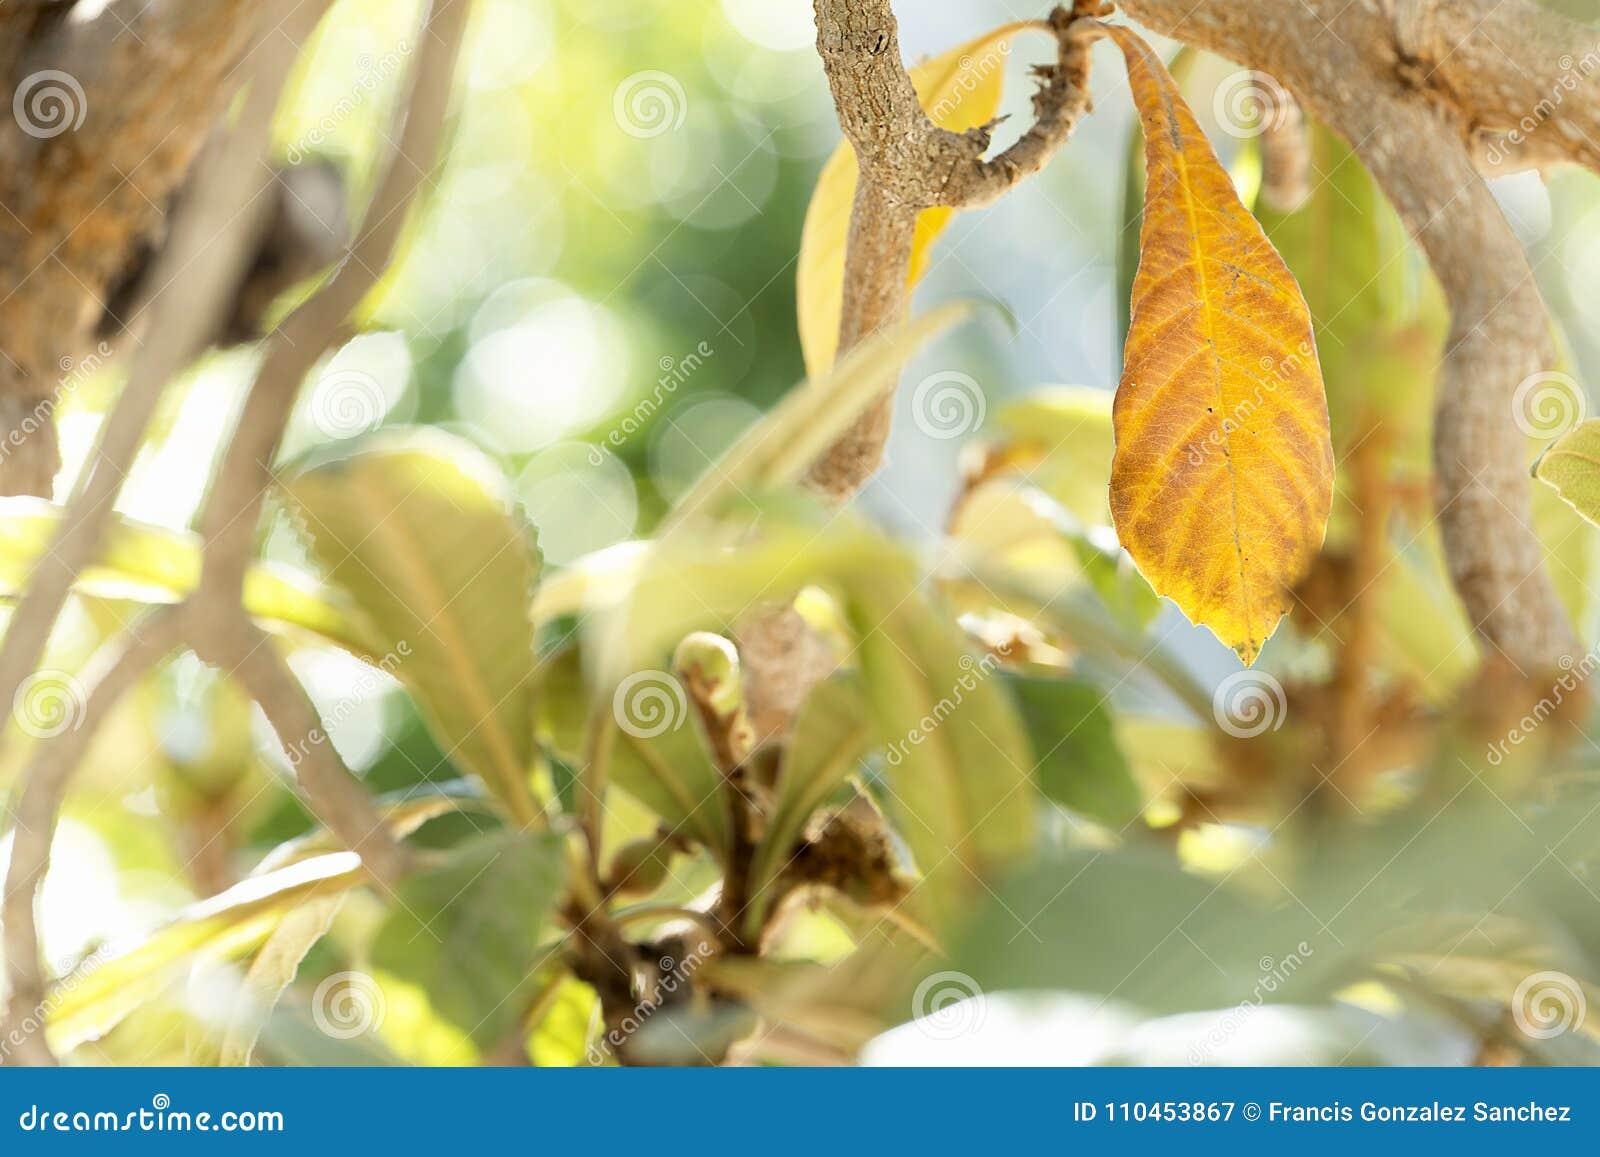 Mispelsidor övervintrar in frukterna är födda